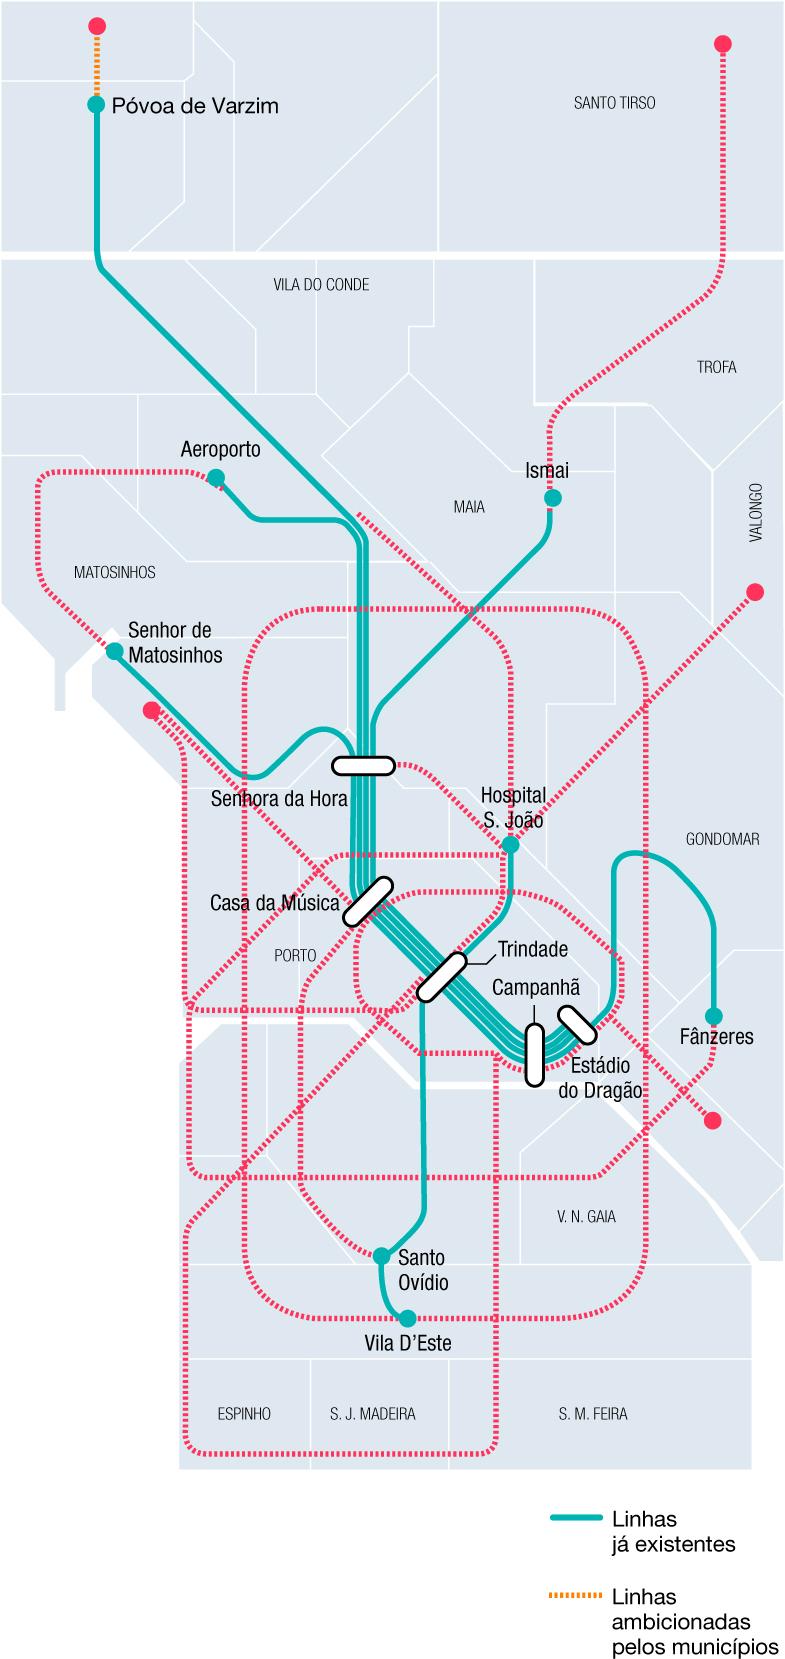 Municípios vão receber milhões para alargar linha do metro